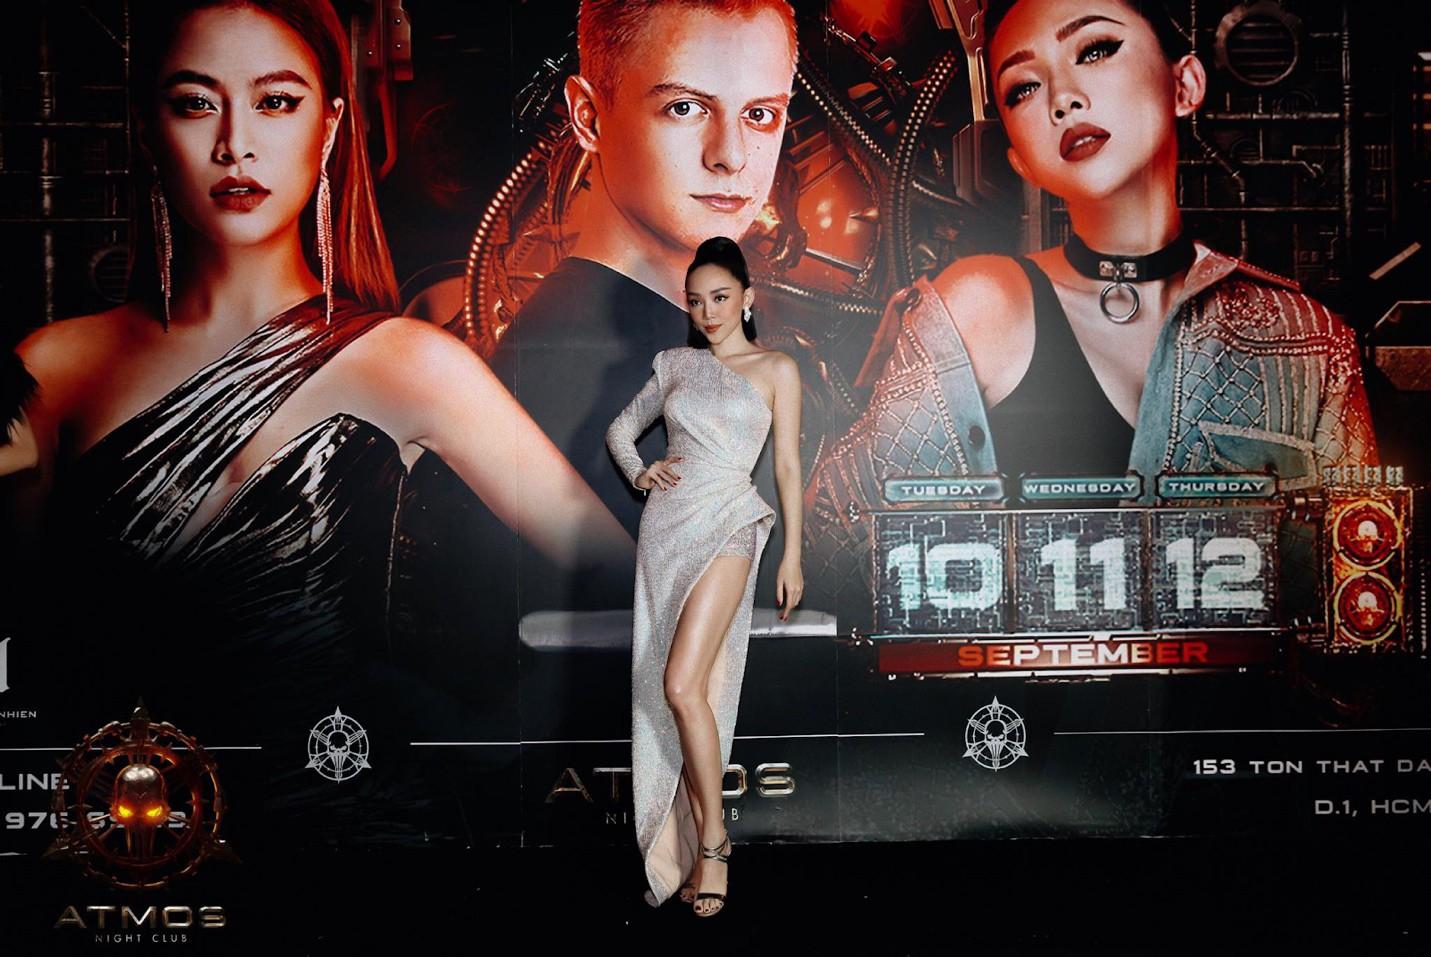 Diện trang phục gợi cảm, Tóc Tiên, Hoàng Thùy Linh khuấy động đêm nhạc với loạt hit đình đám - Ảnh 5.